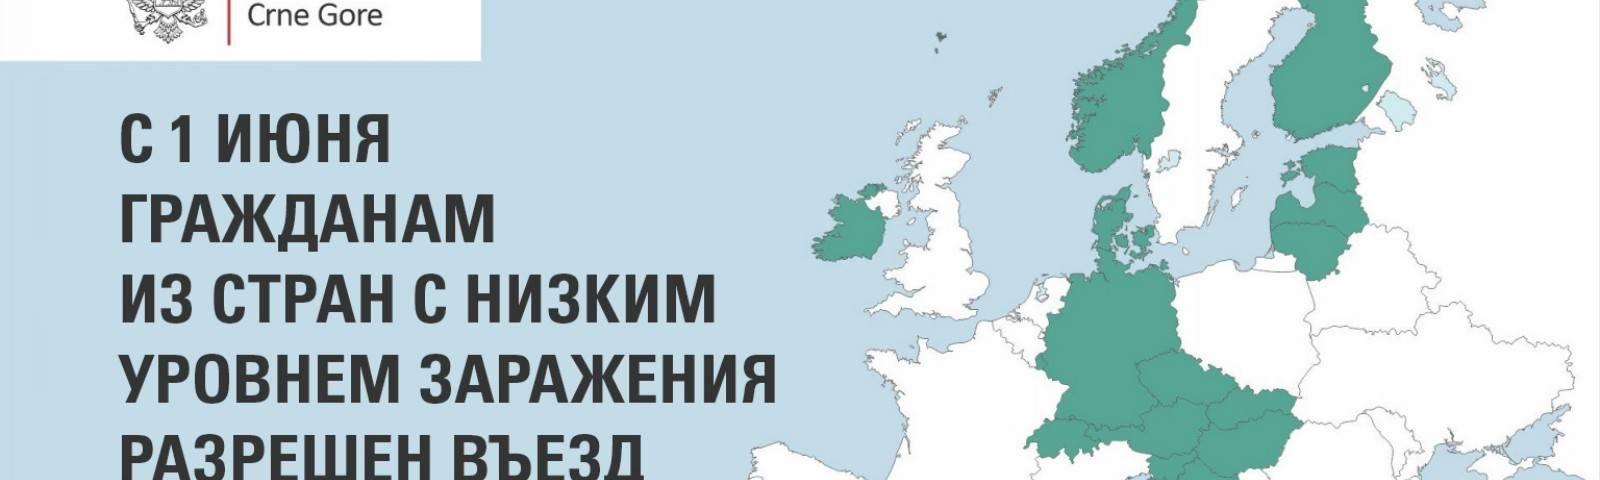 Коронавирус в польше: открыта ли граница для россиян, авиасообщение (на 1марта2021)